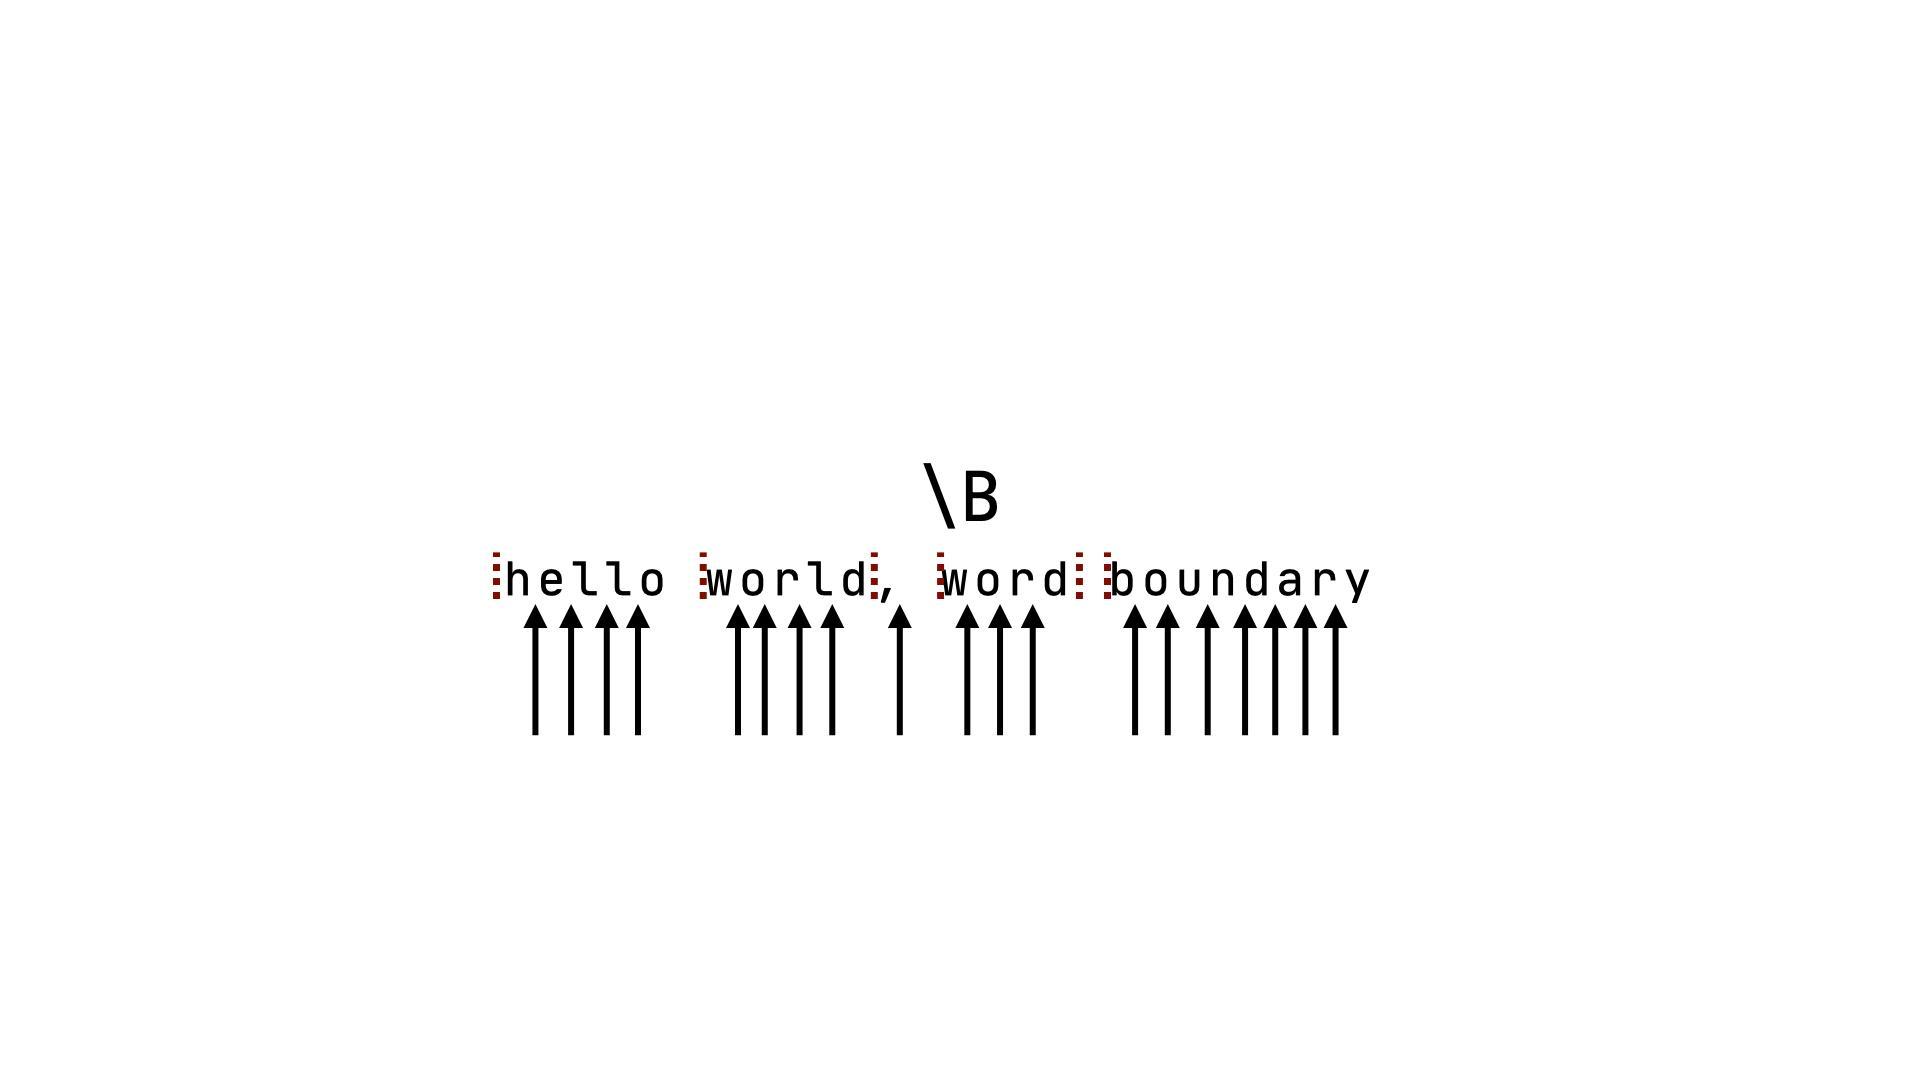 非 word-boundary 解釋